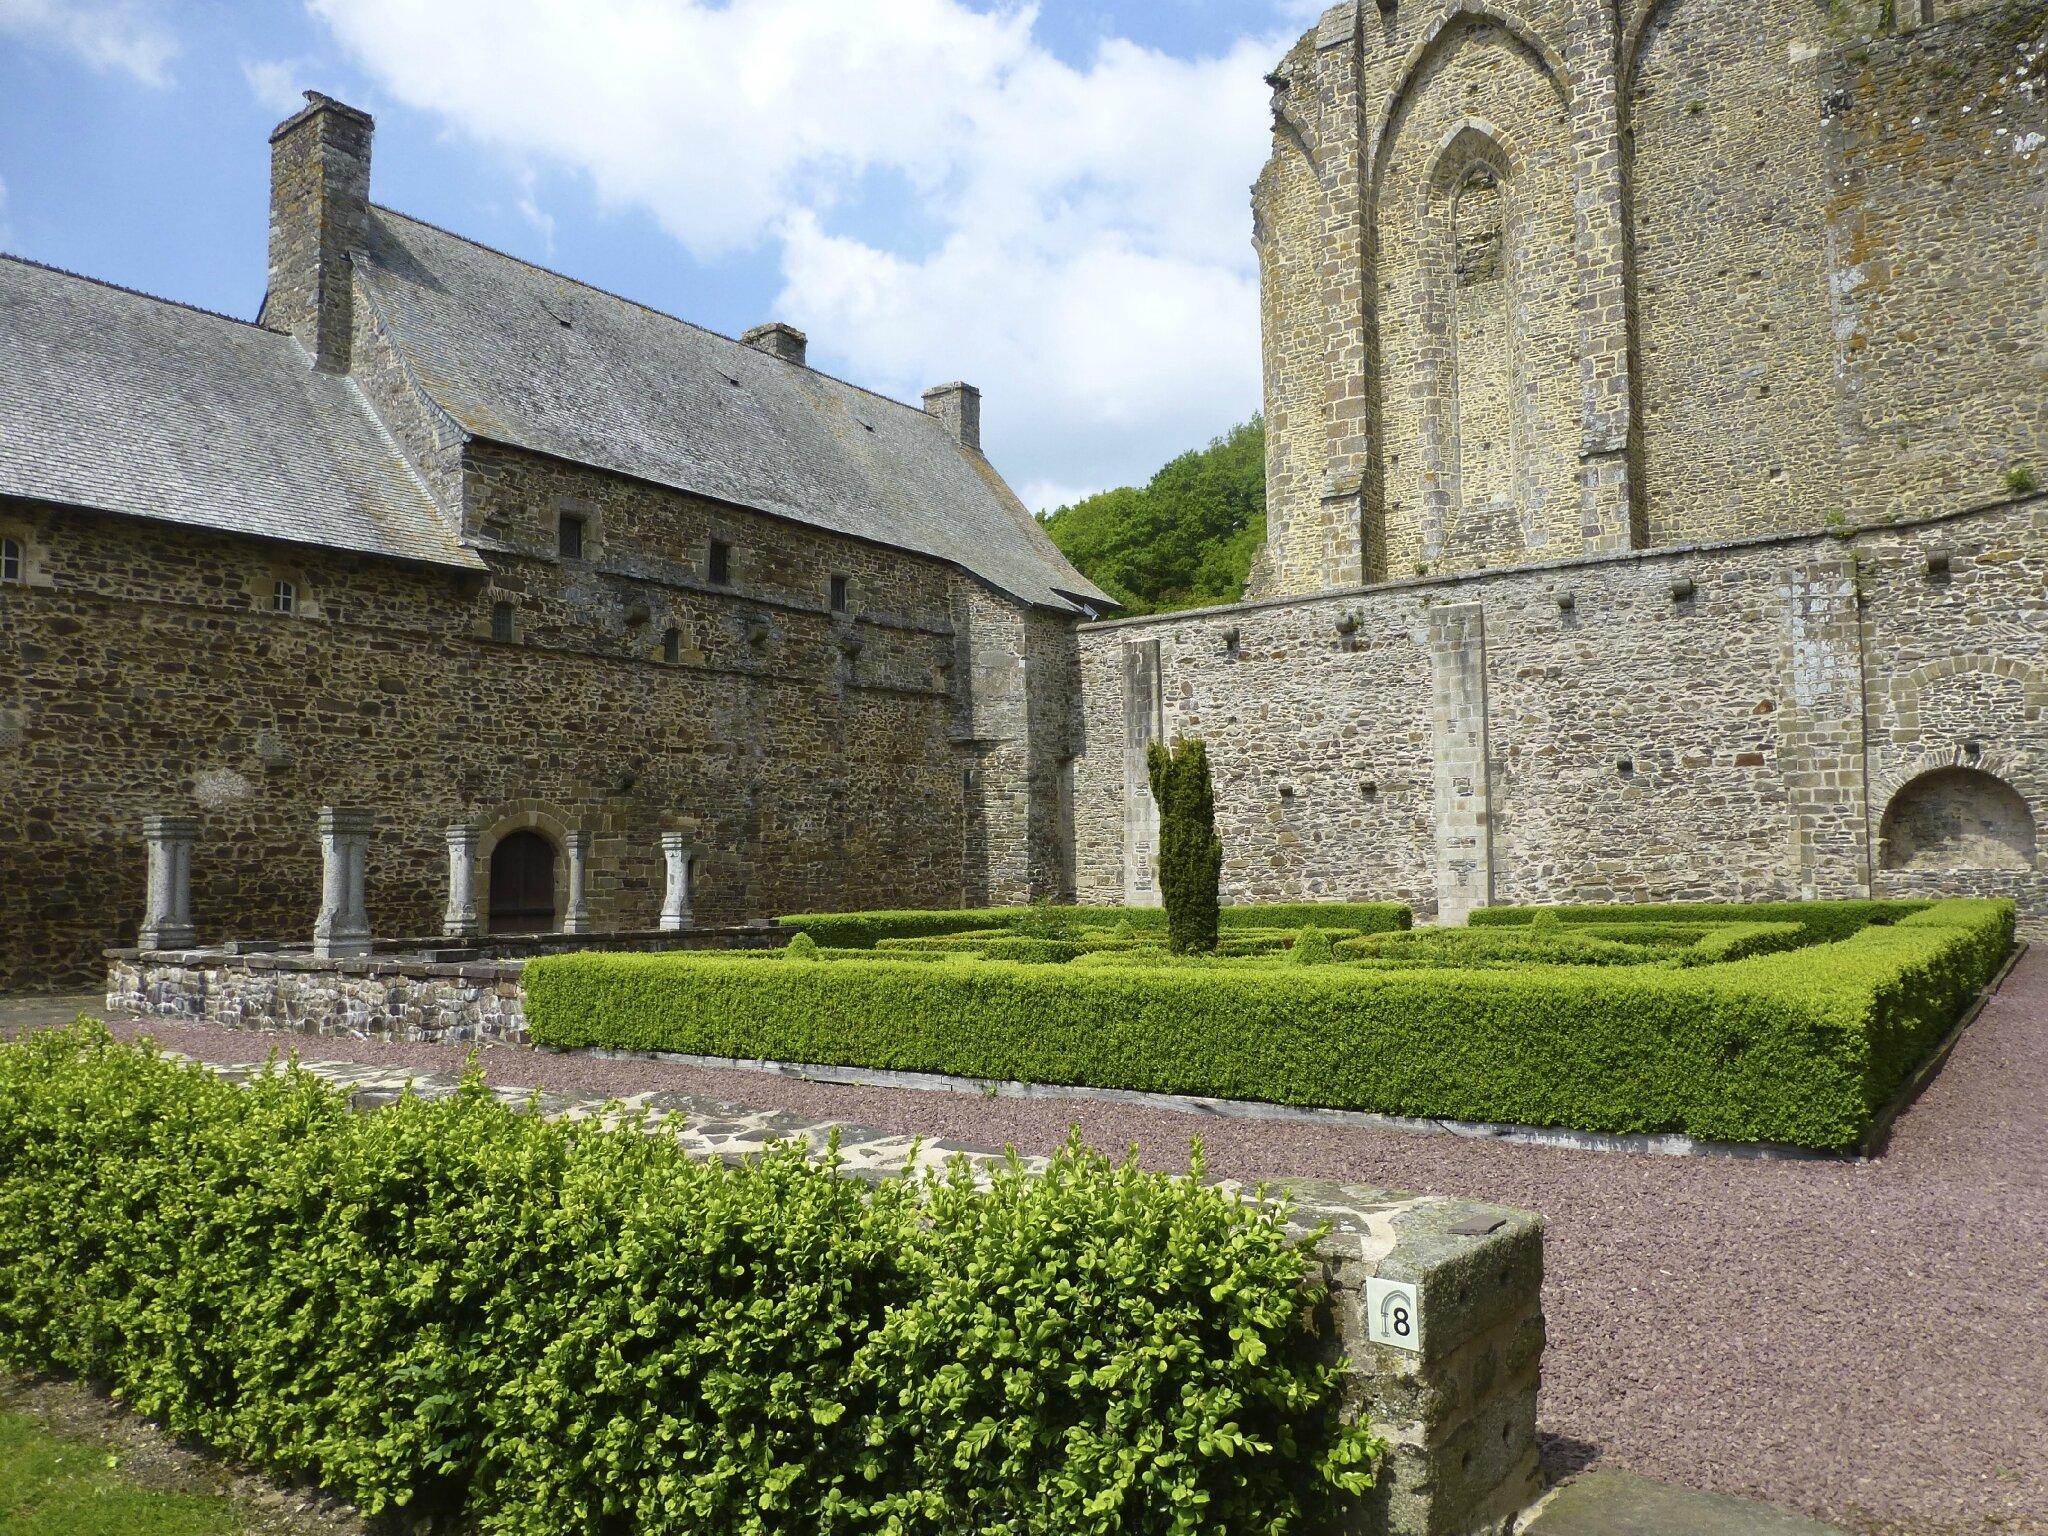 balade à cheval médiévale - Abbaye de Hambye (176)